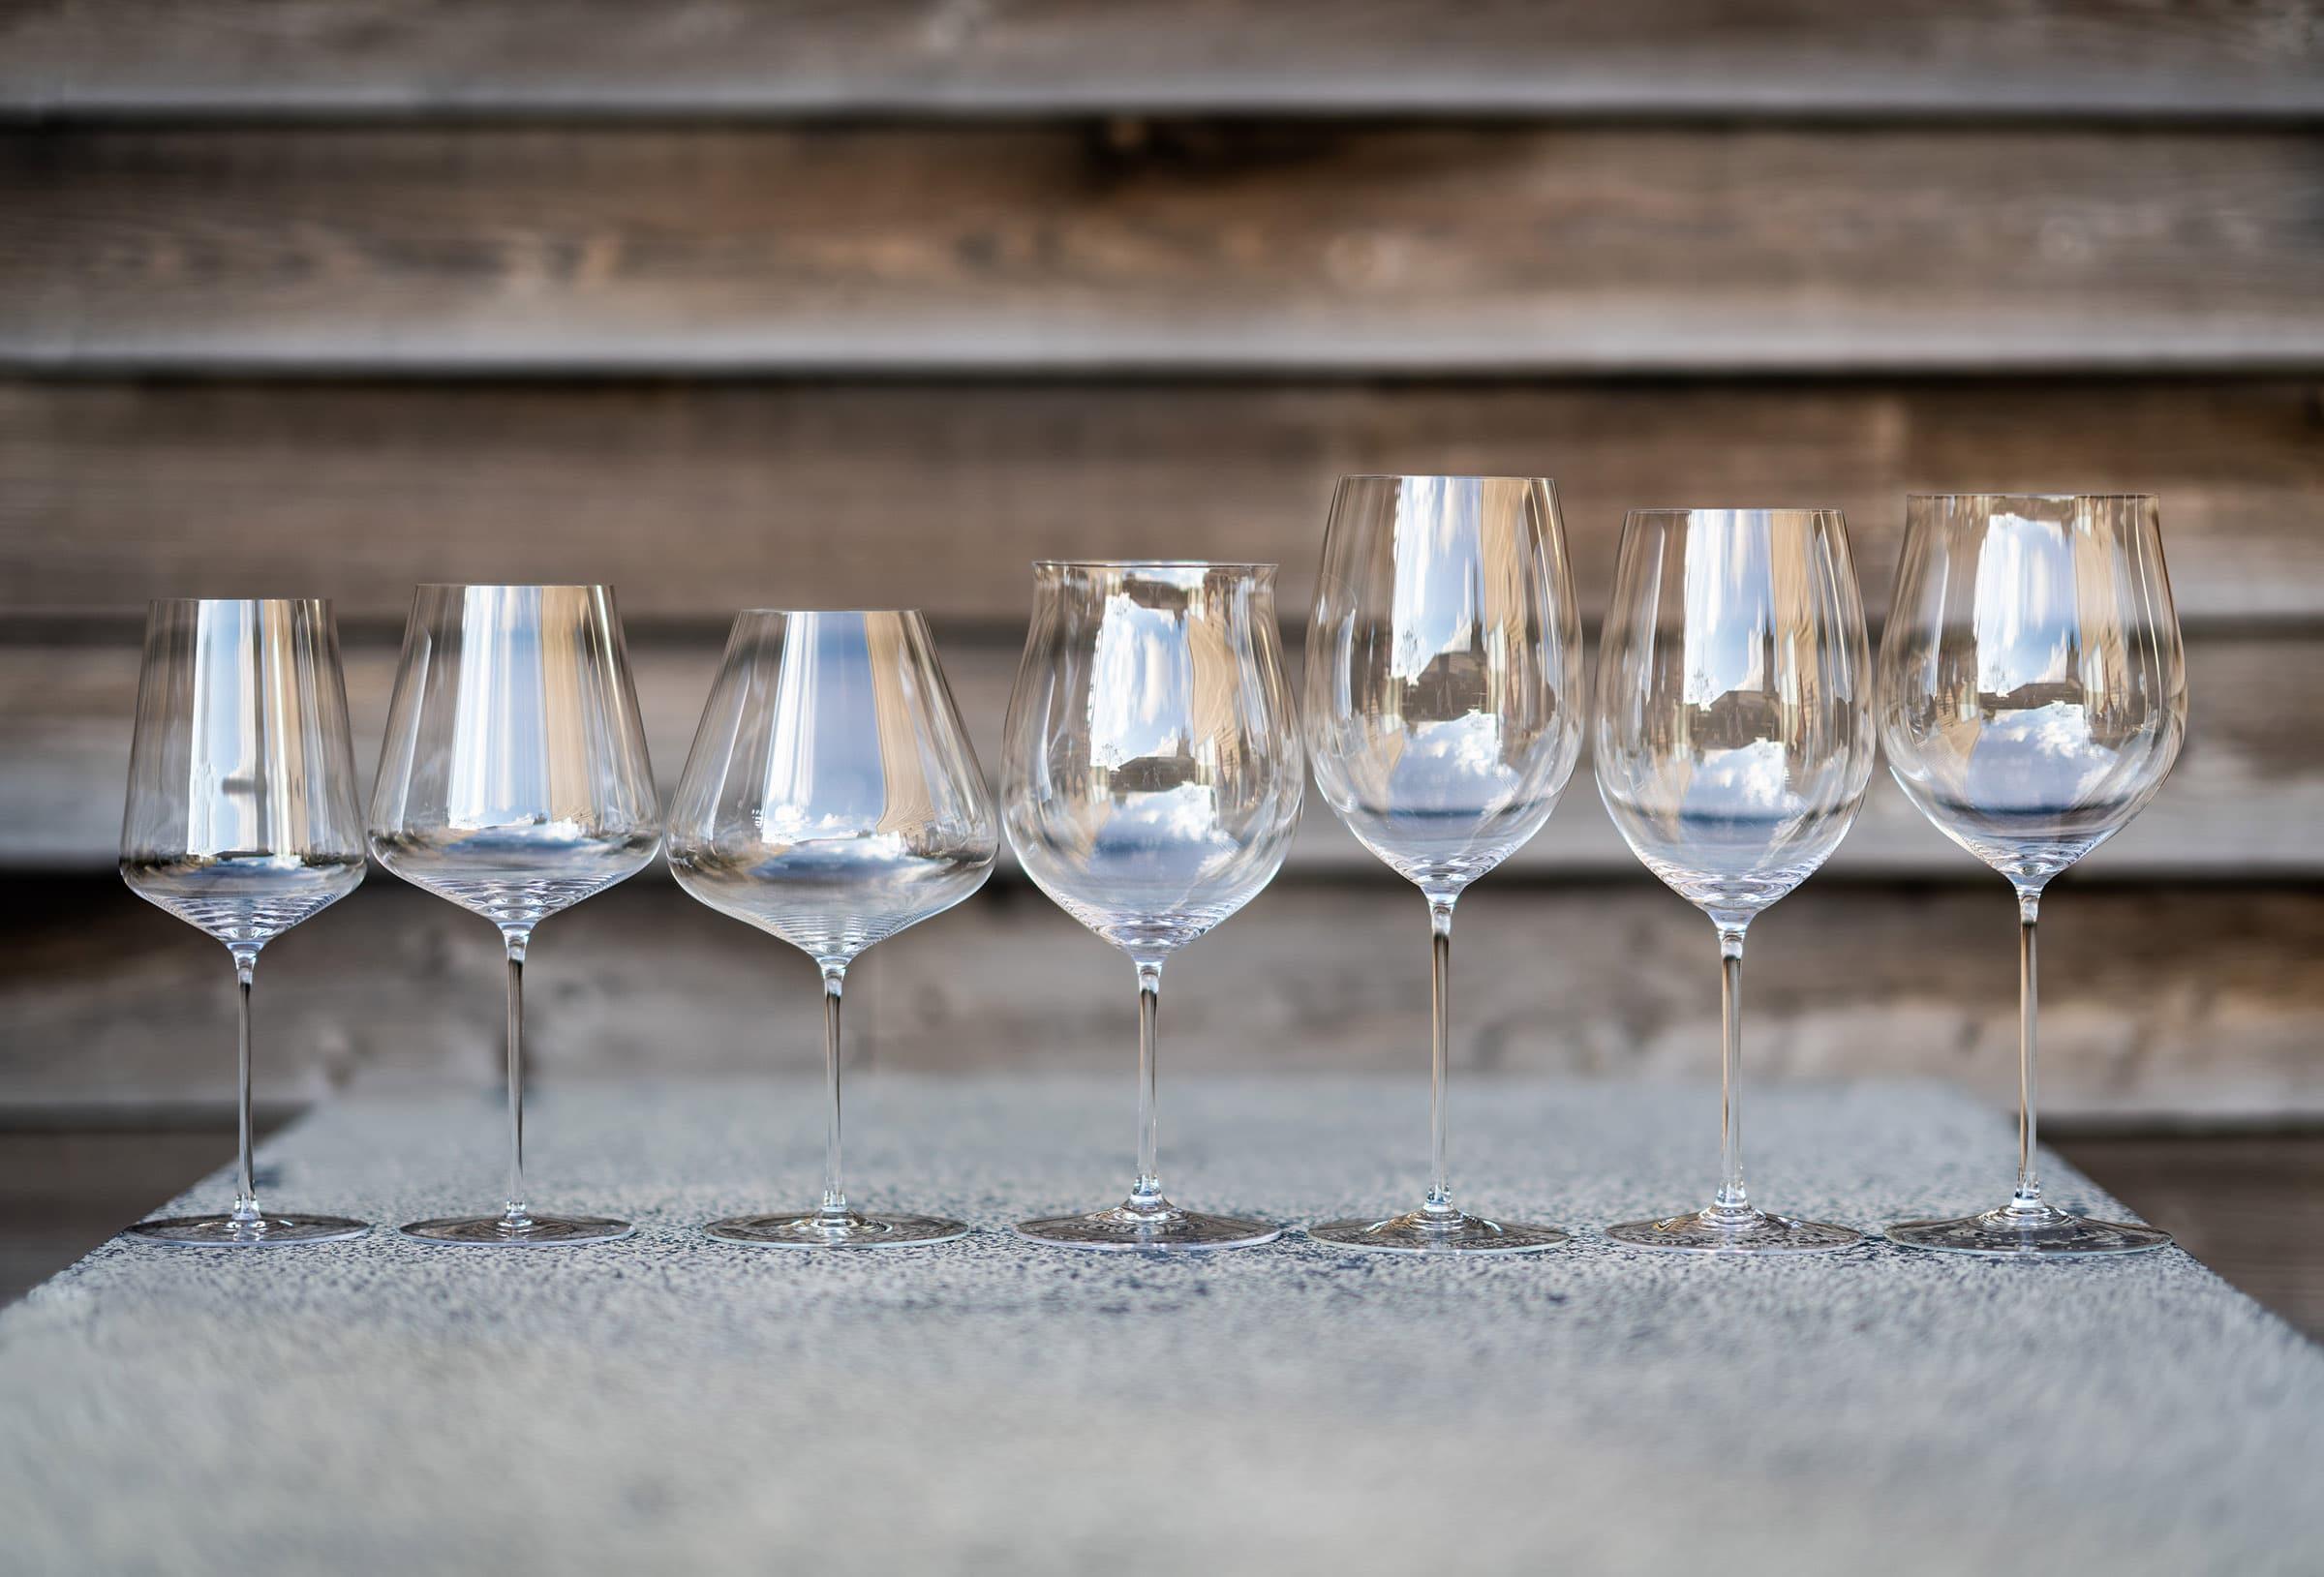 Wine glasses from Riedel and Zalto